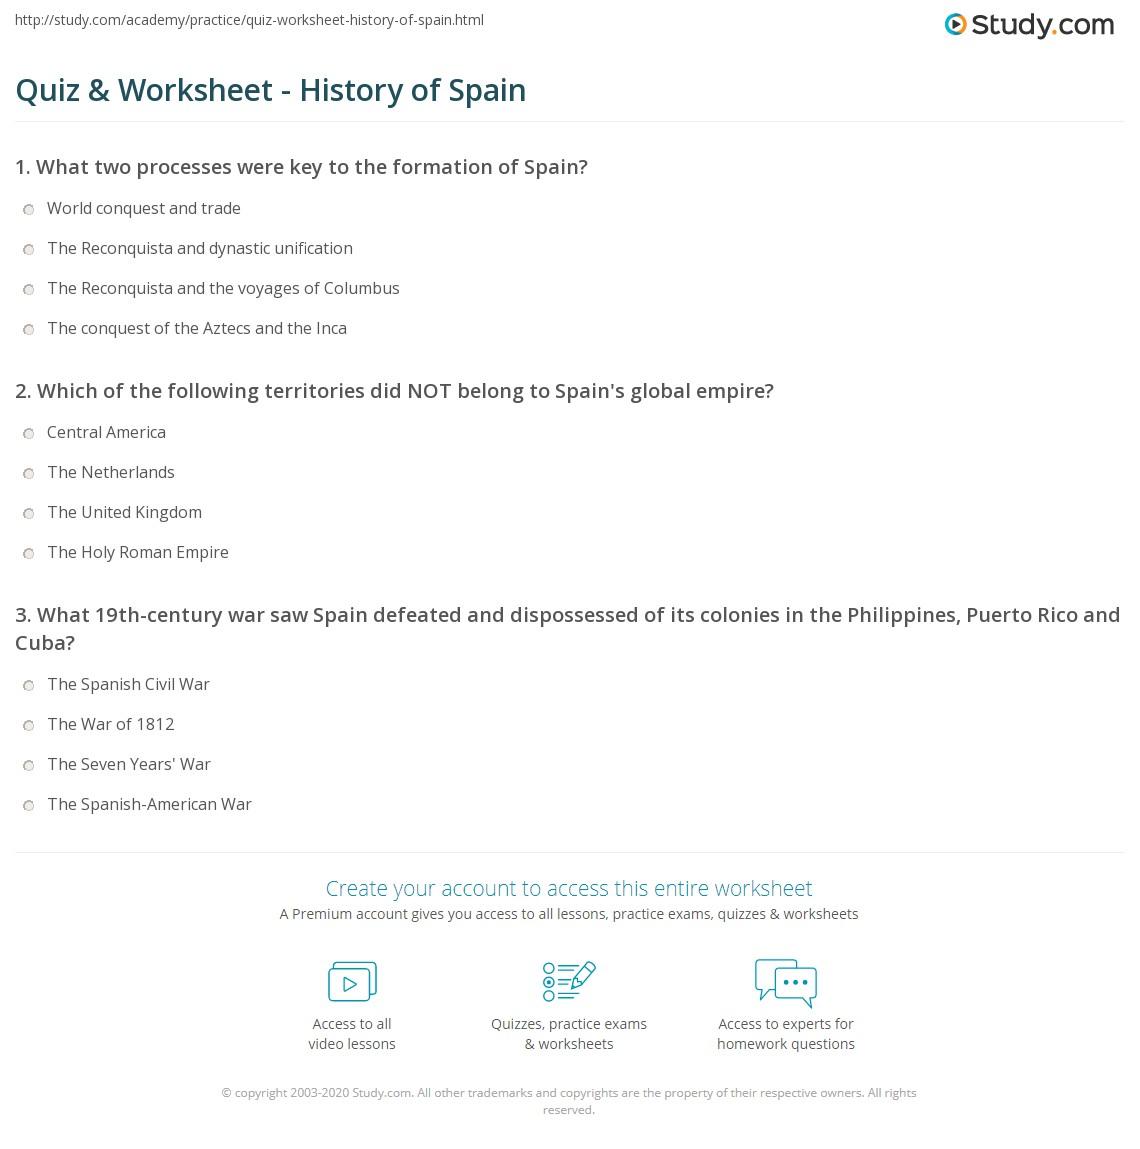 Quiz worksheet history of spain study print brief history of spain worksheet aiddatafo Choice Image